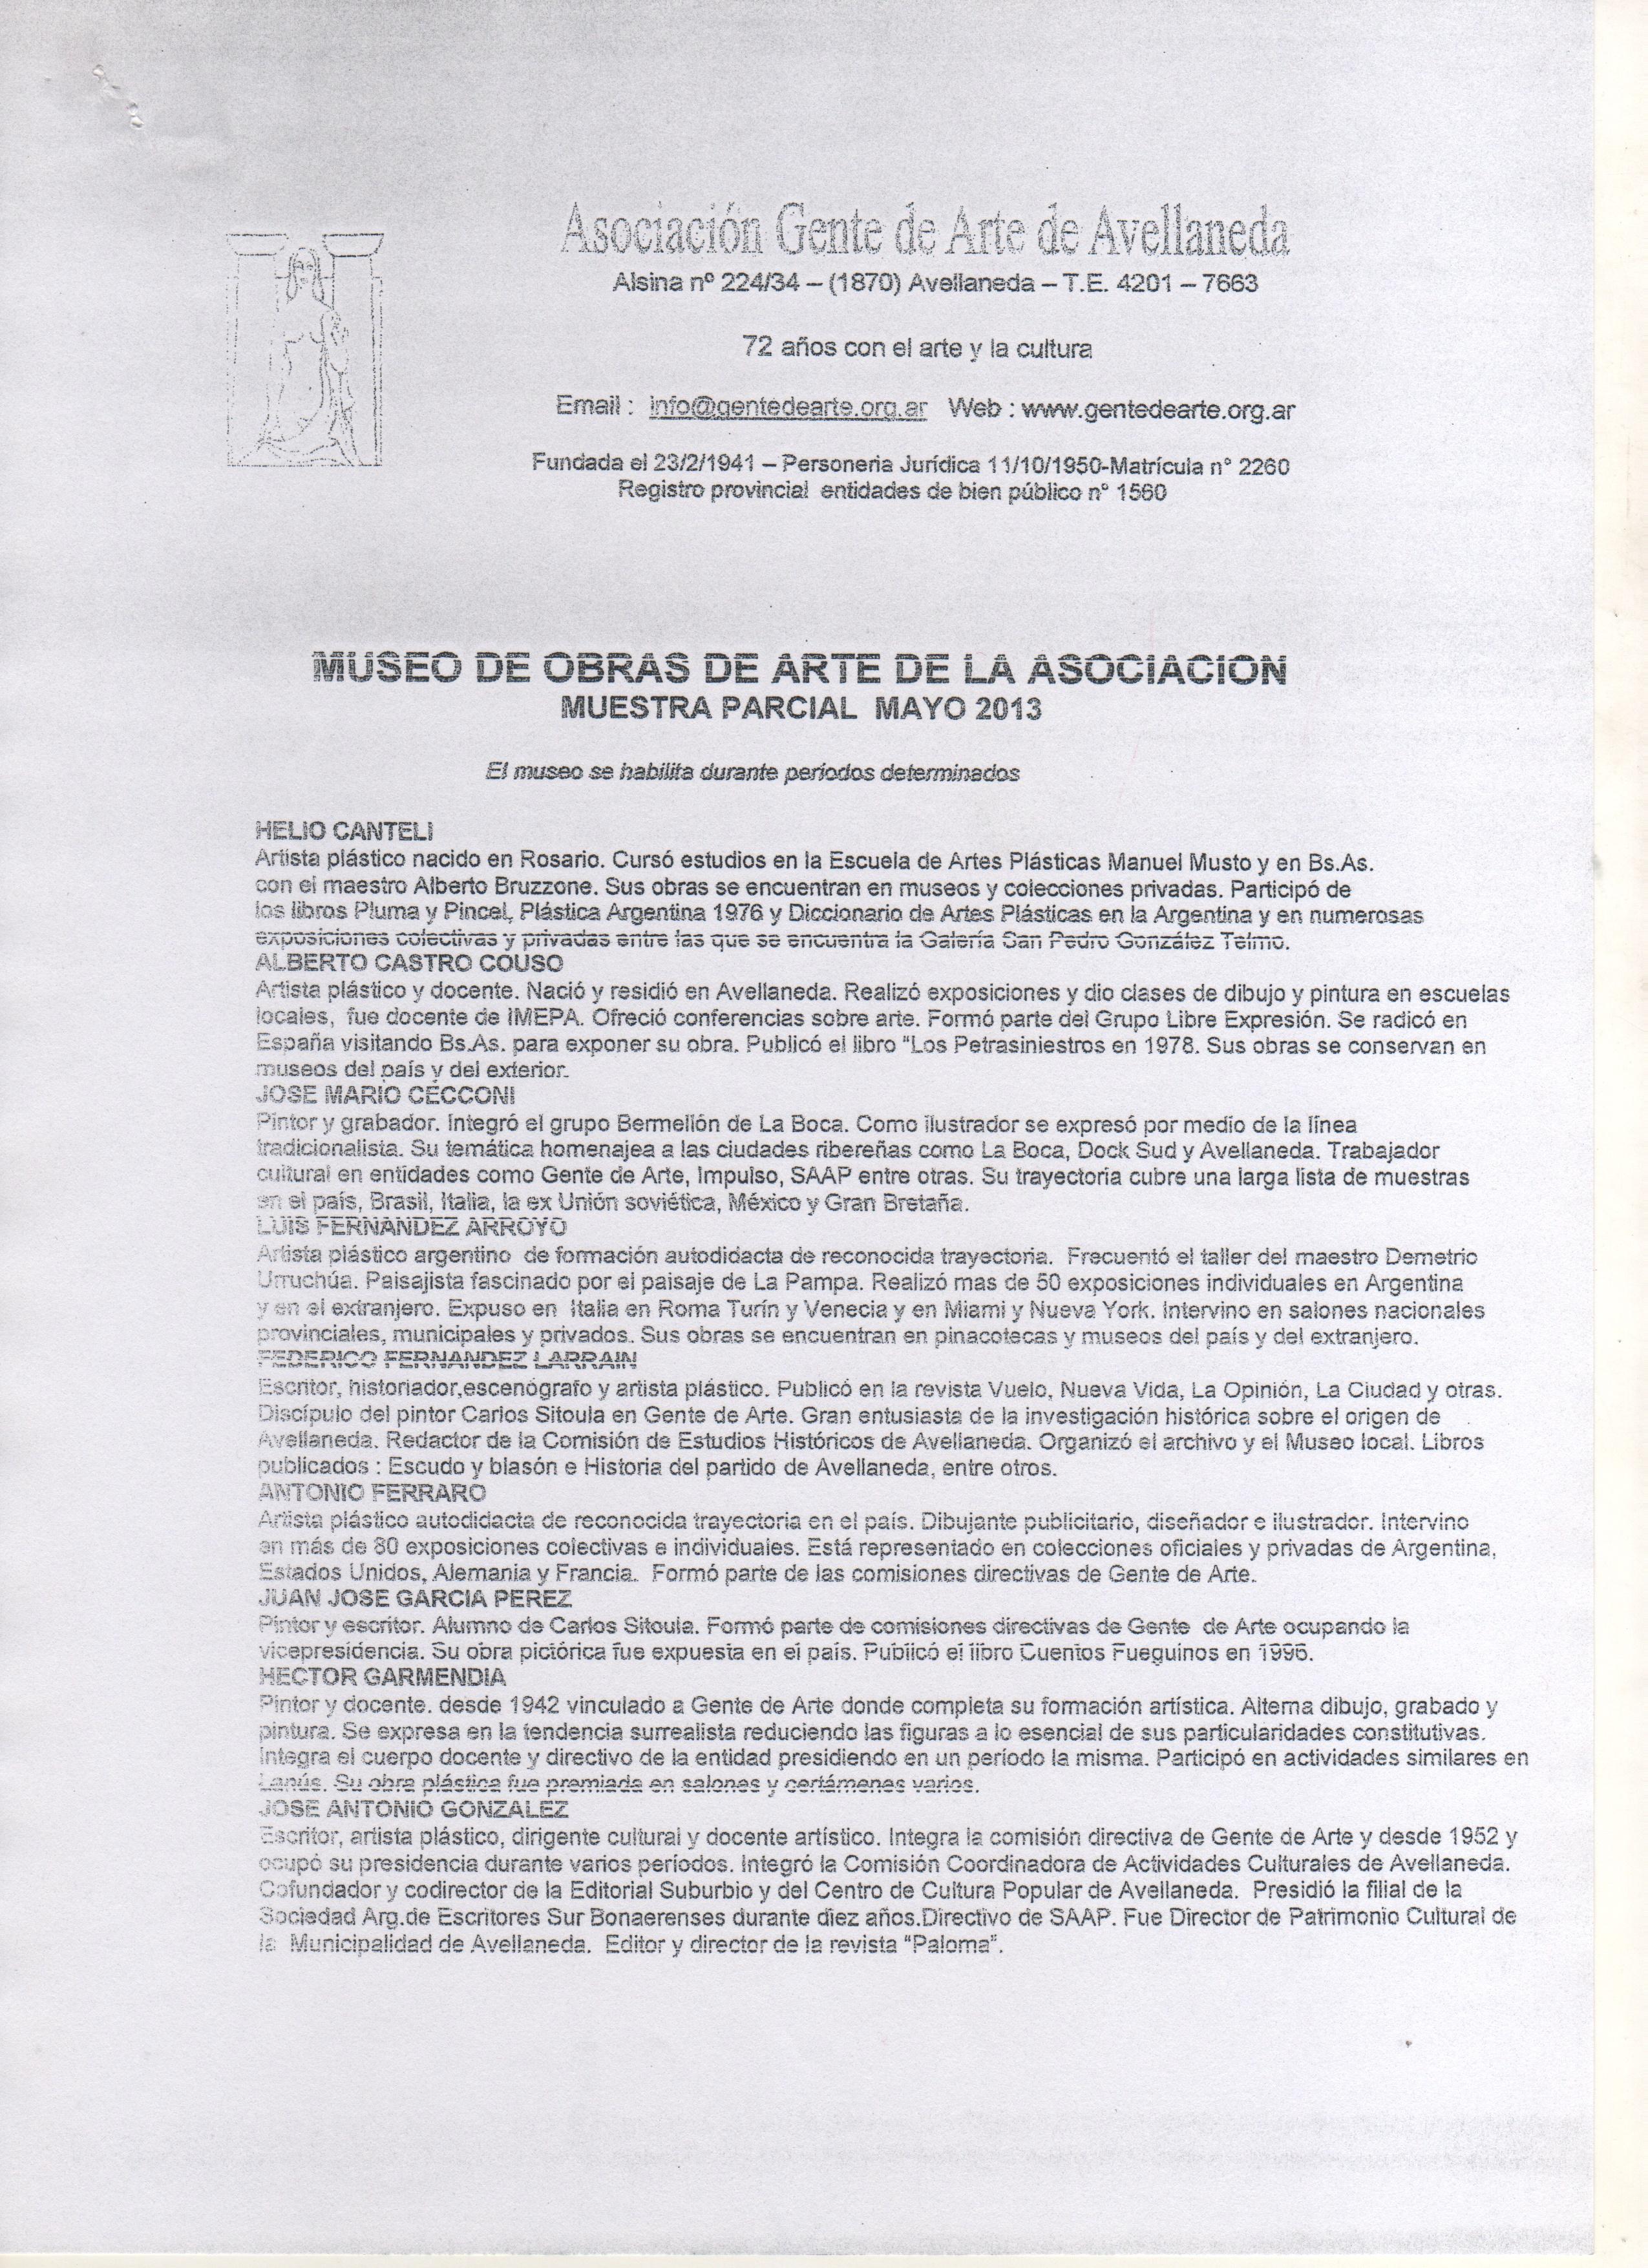 Museo 1 - Sala de exibición de artes visuales en la Asociación Gente de Arte de Avellaneda